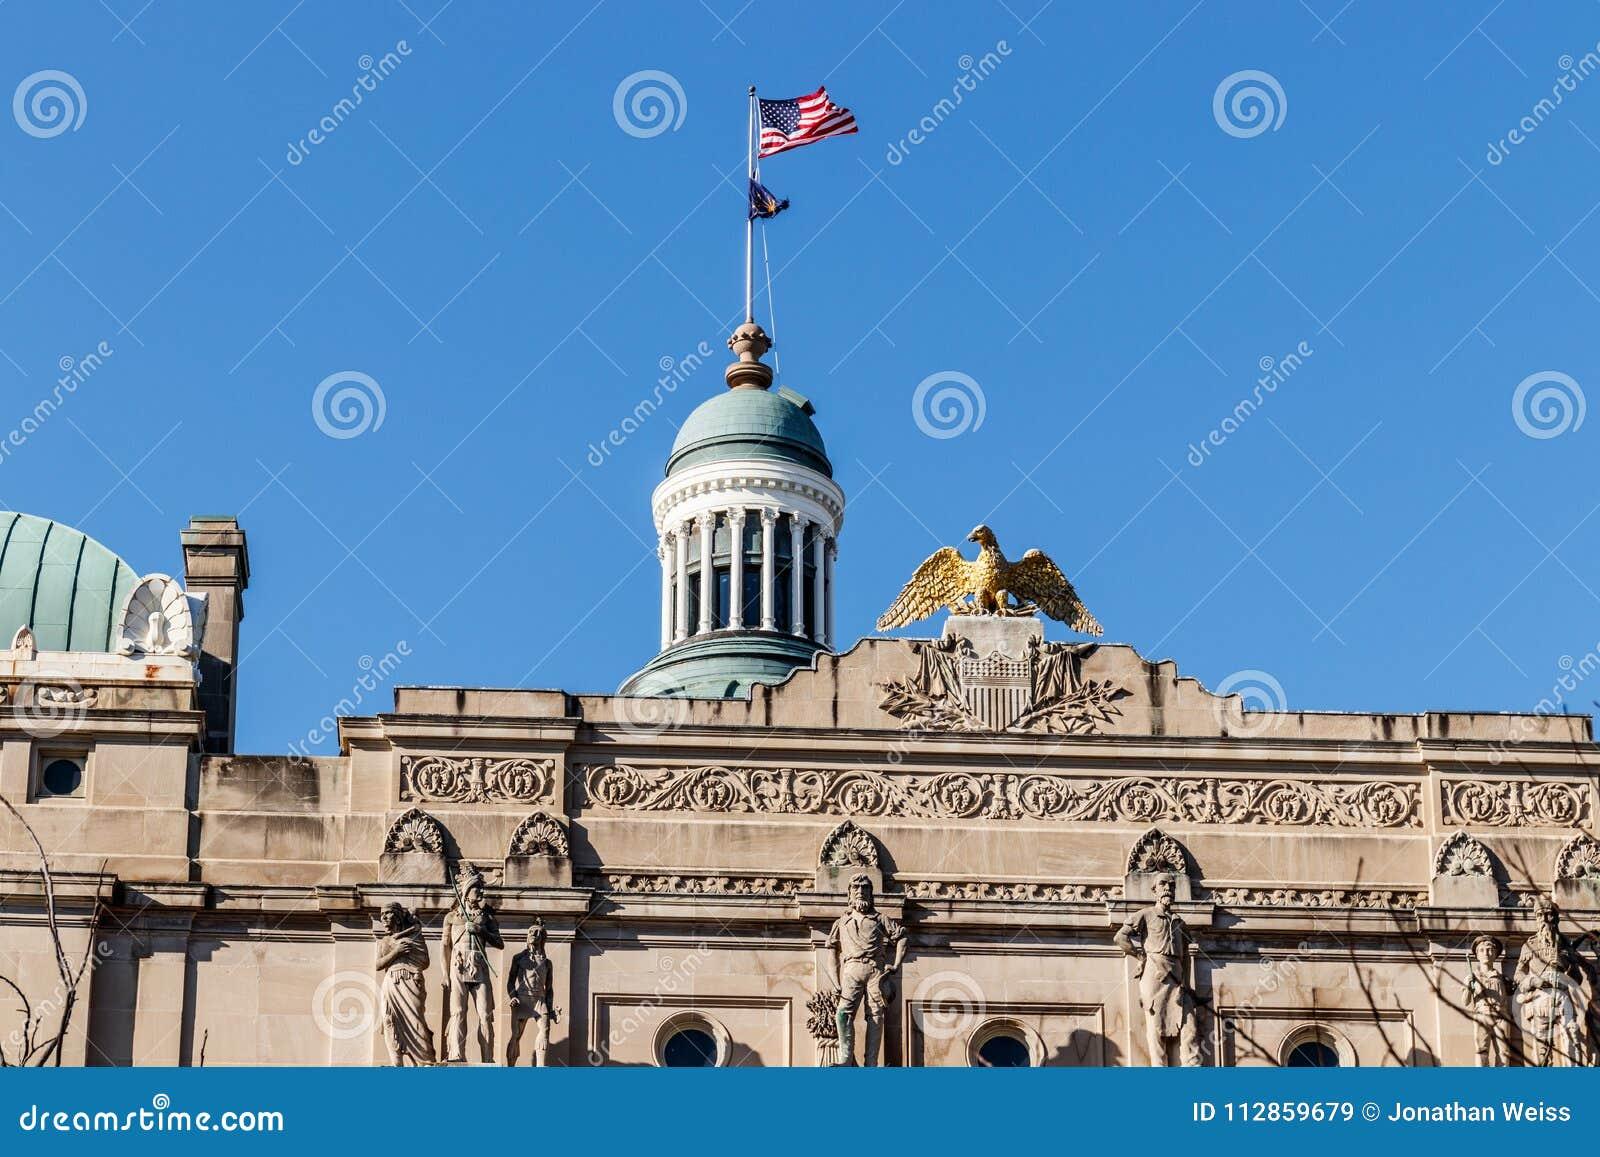 Indianapolis - circa marzo de 2018: Oro Eagle encima de Indiana State House por la bóveda III del capitolio